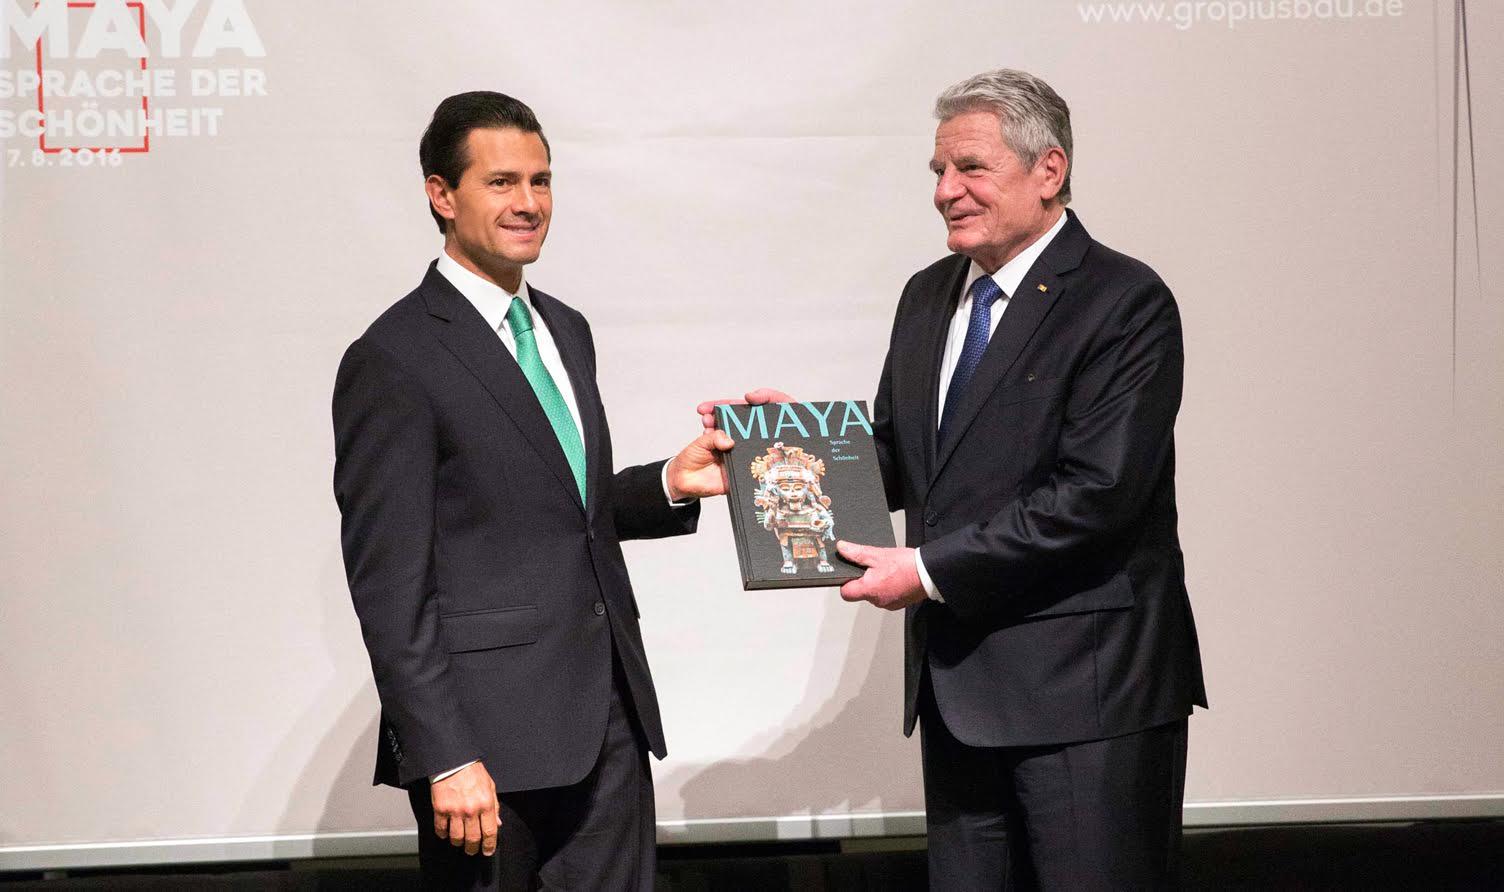 """El Presidente Enrique Peña Nieto inauguró, junto con Joachim Gauck, Presidente de la República Federal de Alemania,  la exposición """"Mayas, el lenguaje de la belleza"""" ."""